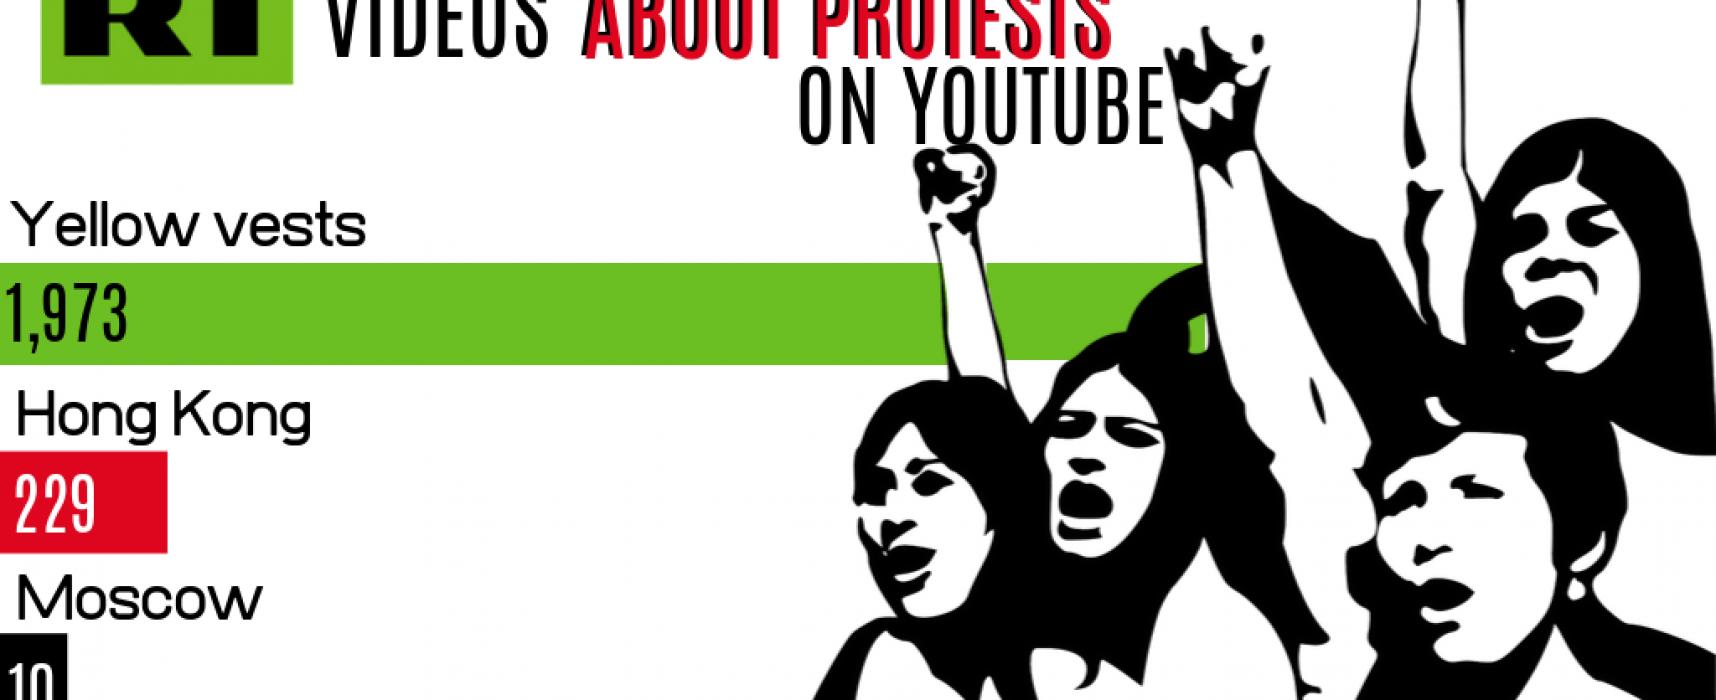 La couverture très sélective des mouvements de protestation par Russia Today